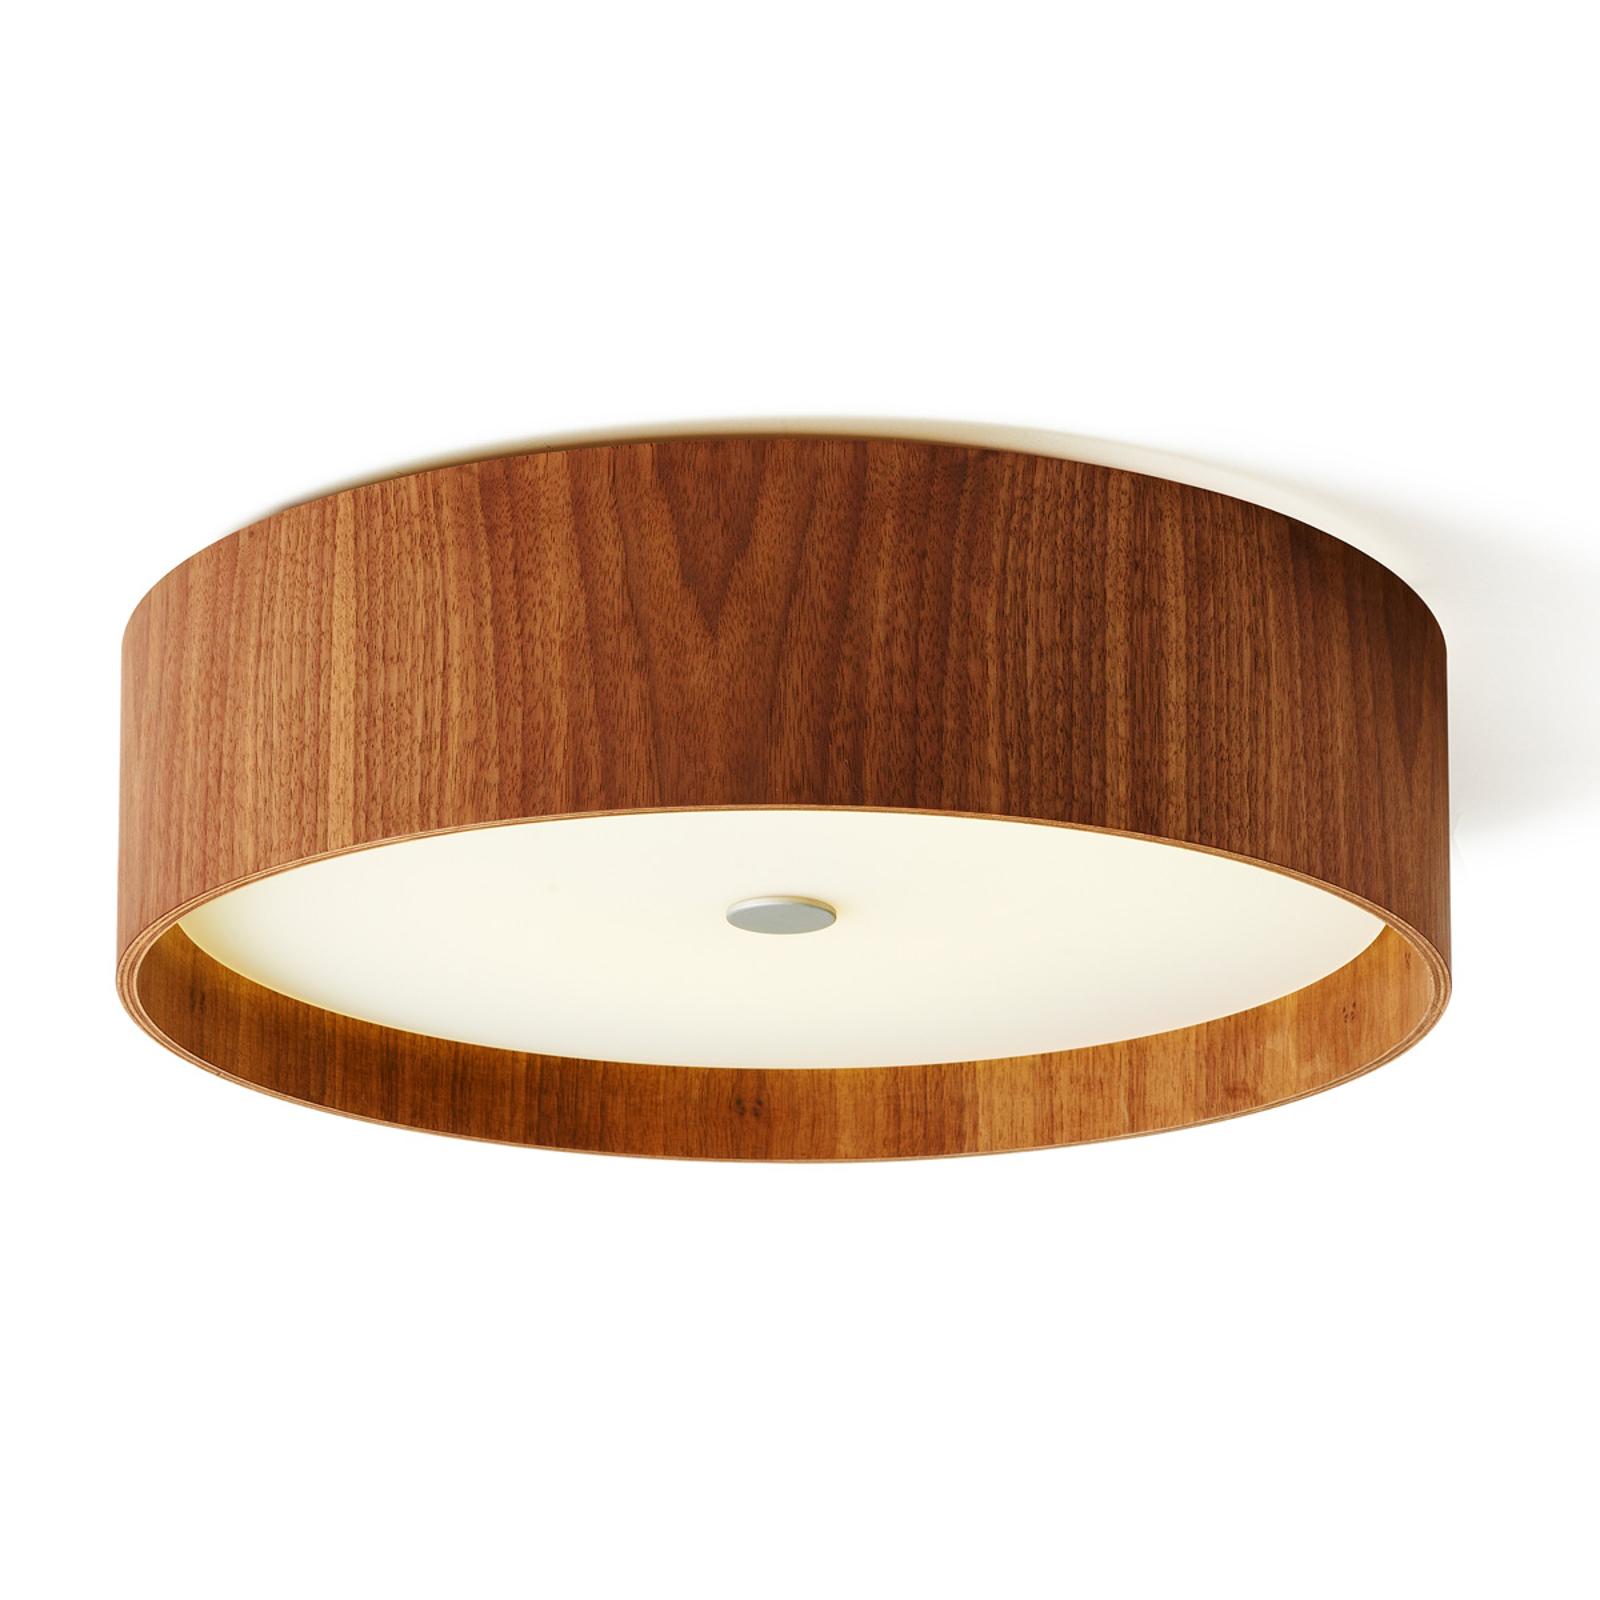 Orechové stropné svietidlo Lara wood s LED, 43cm